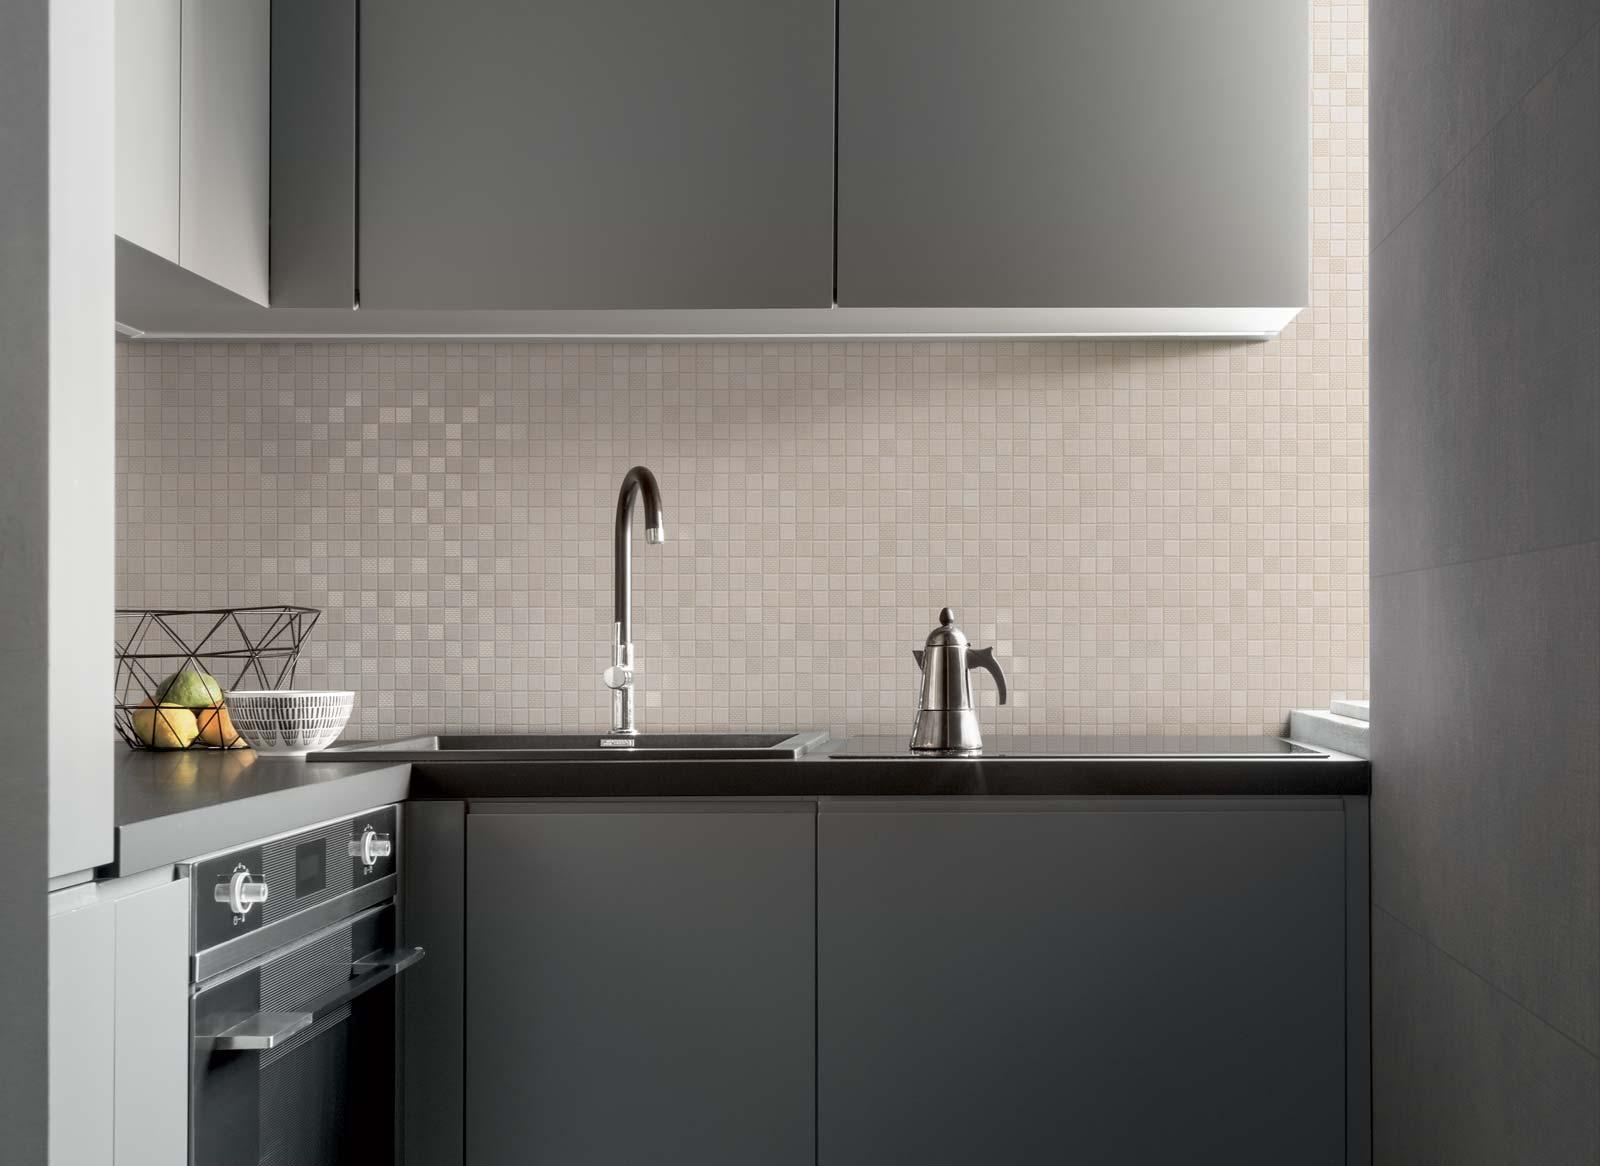 Piastrelle per rivestimenti cucina bagno doccia marazzi - Rivestimenti cucina marazzi ...